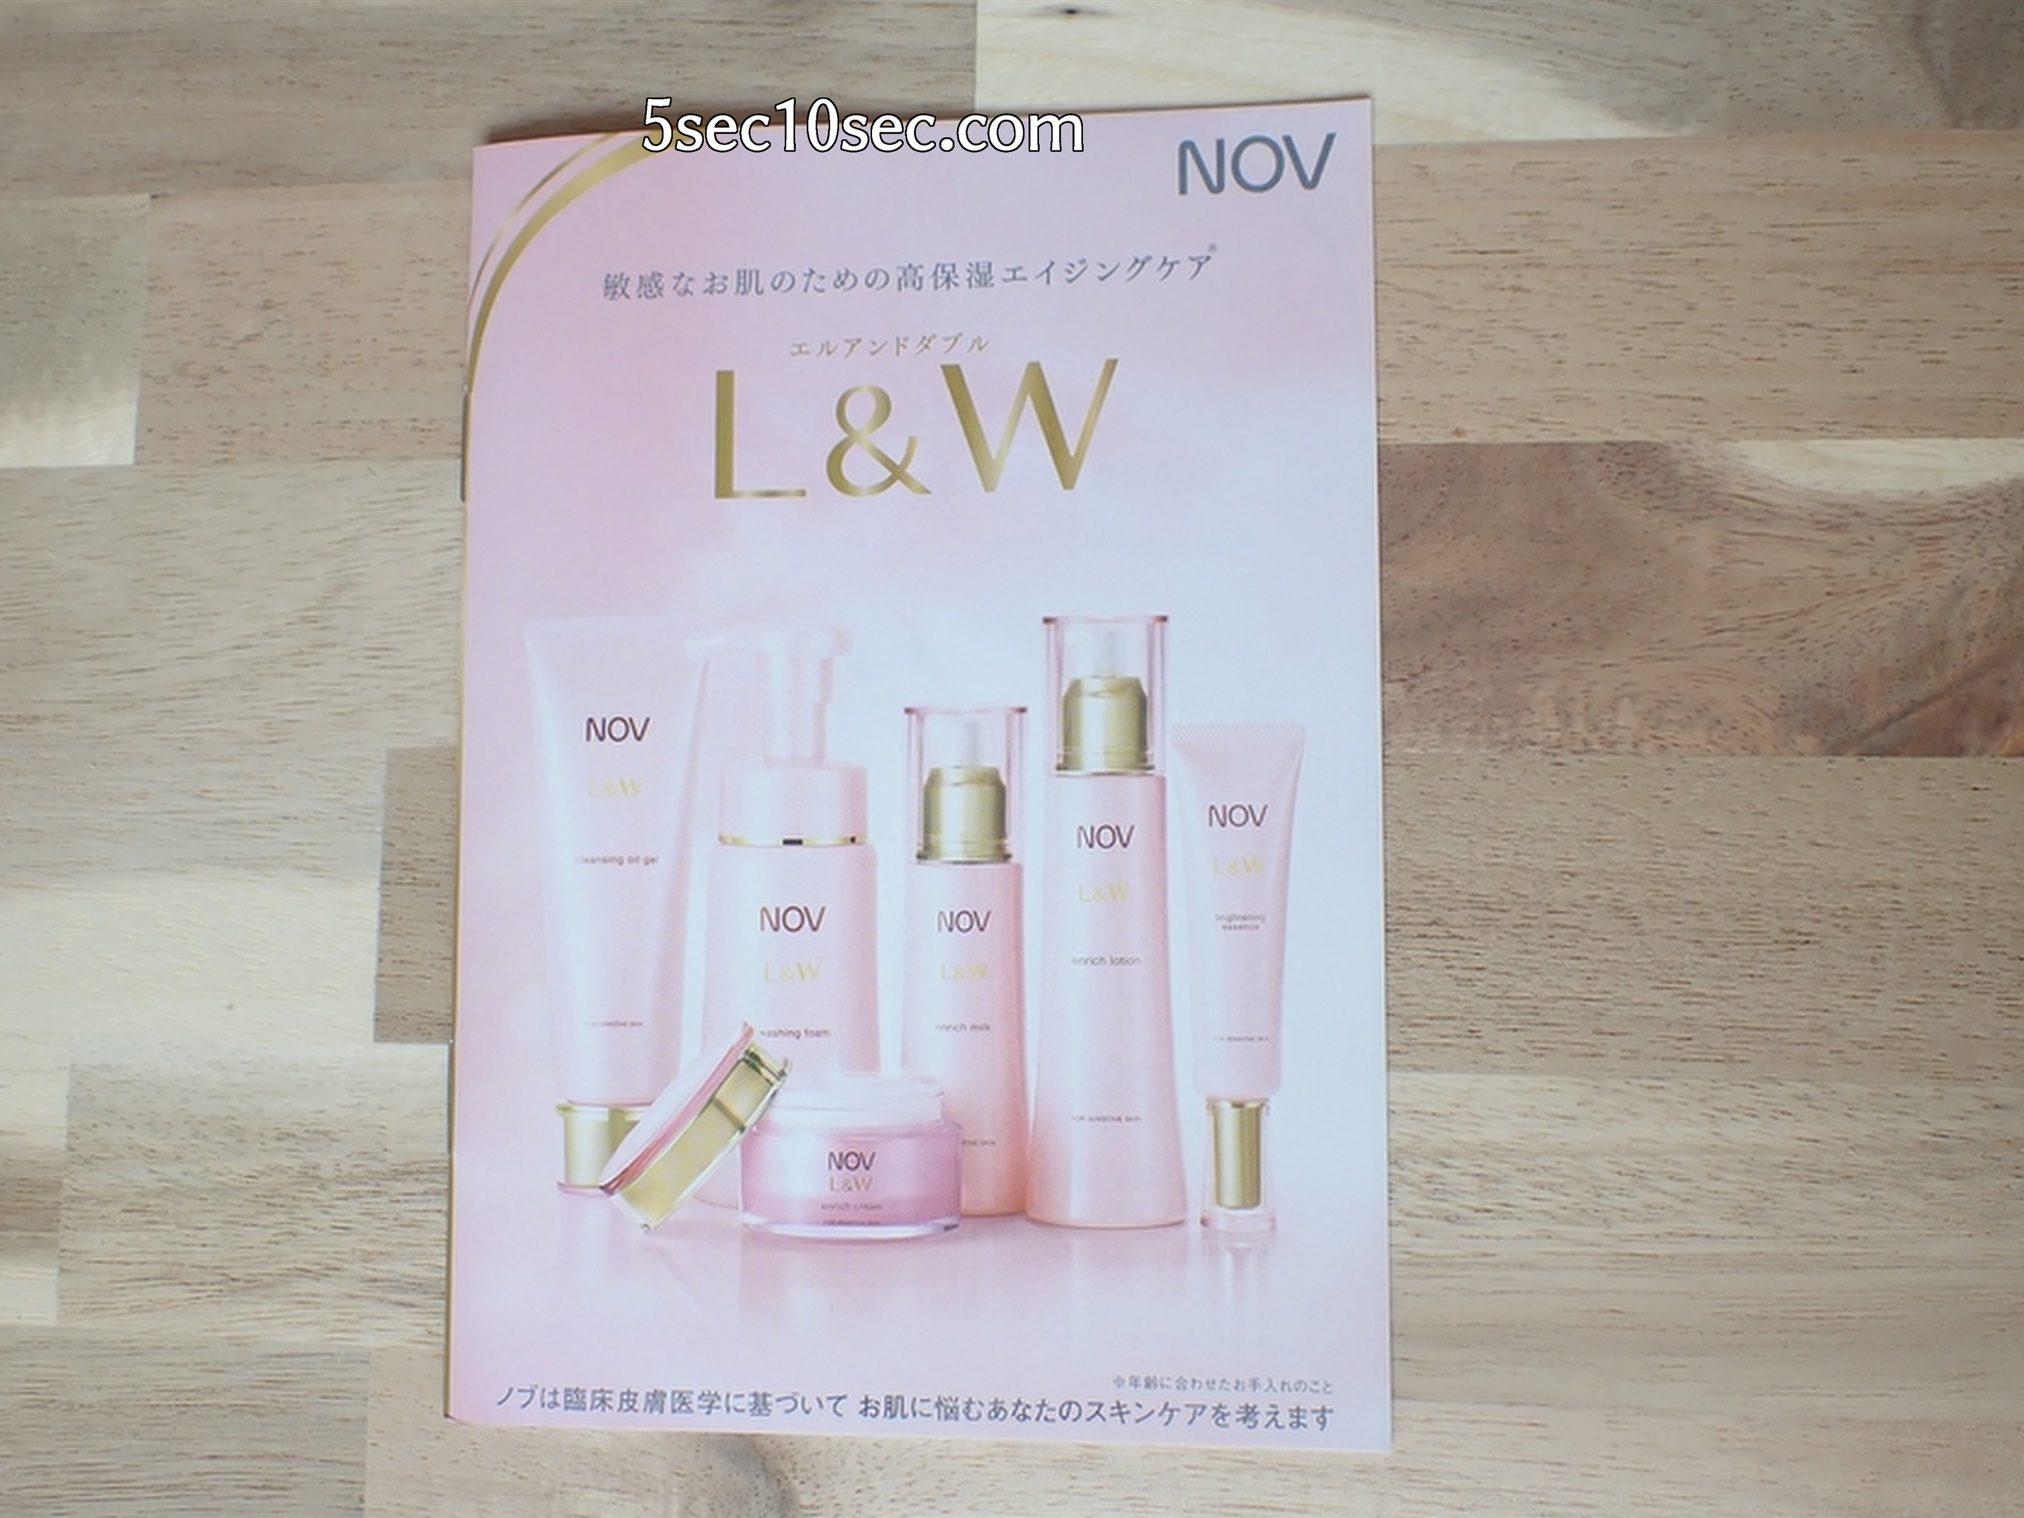 ノブ NOV エイジングケアラインのノブL&Wについてラインナップや詳細が記載されているパンフレット